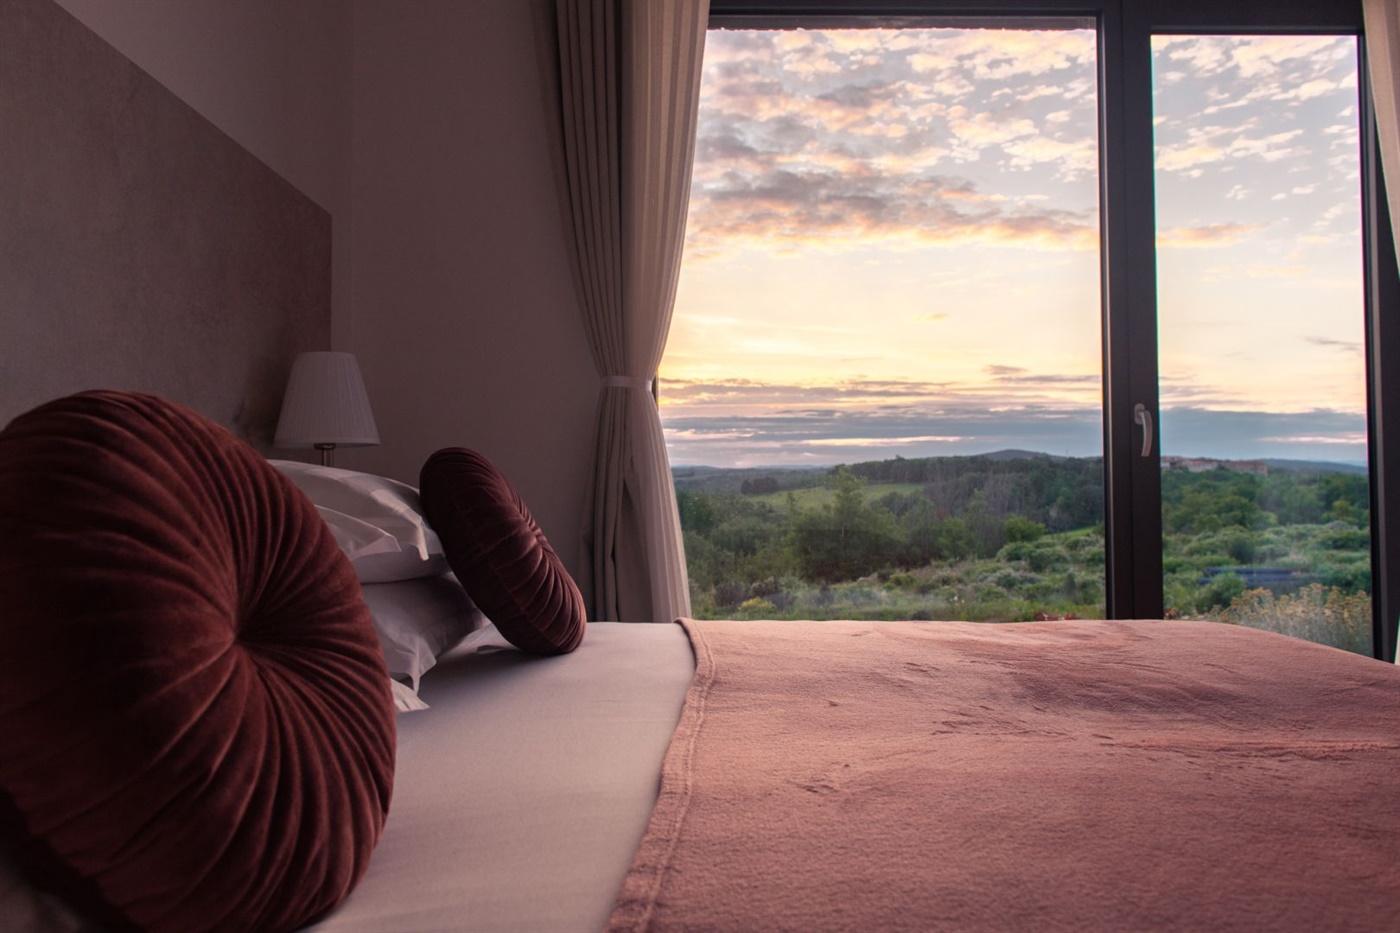 Bedroom, view